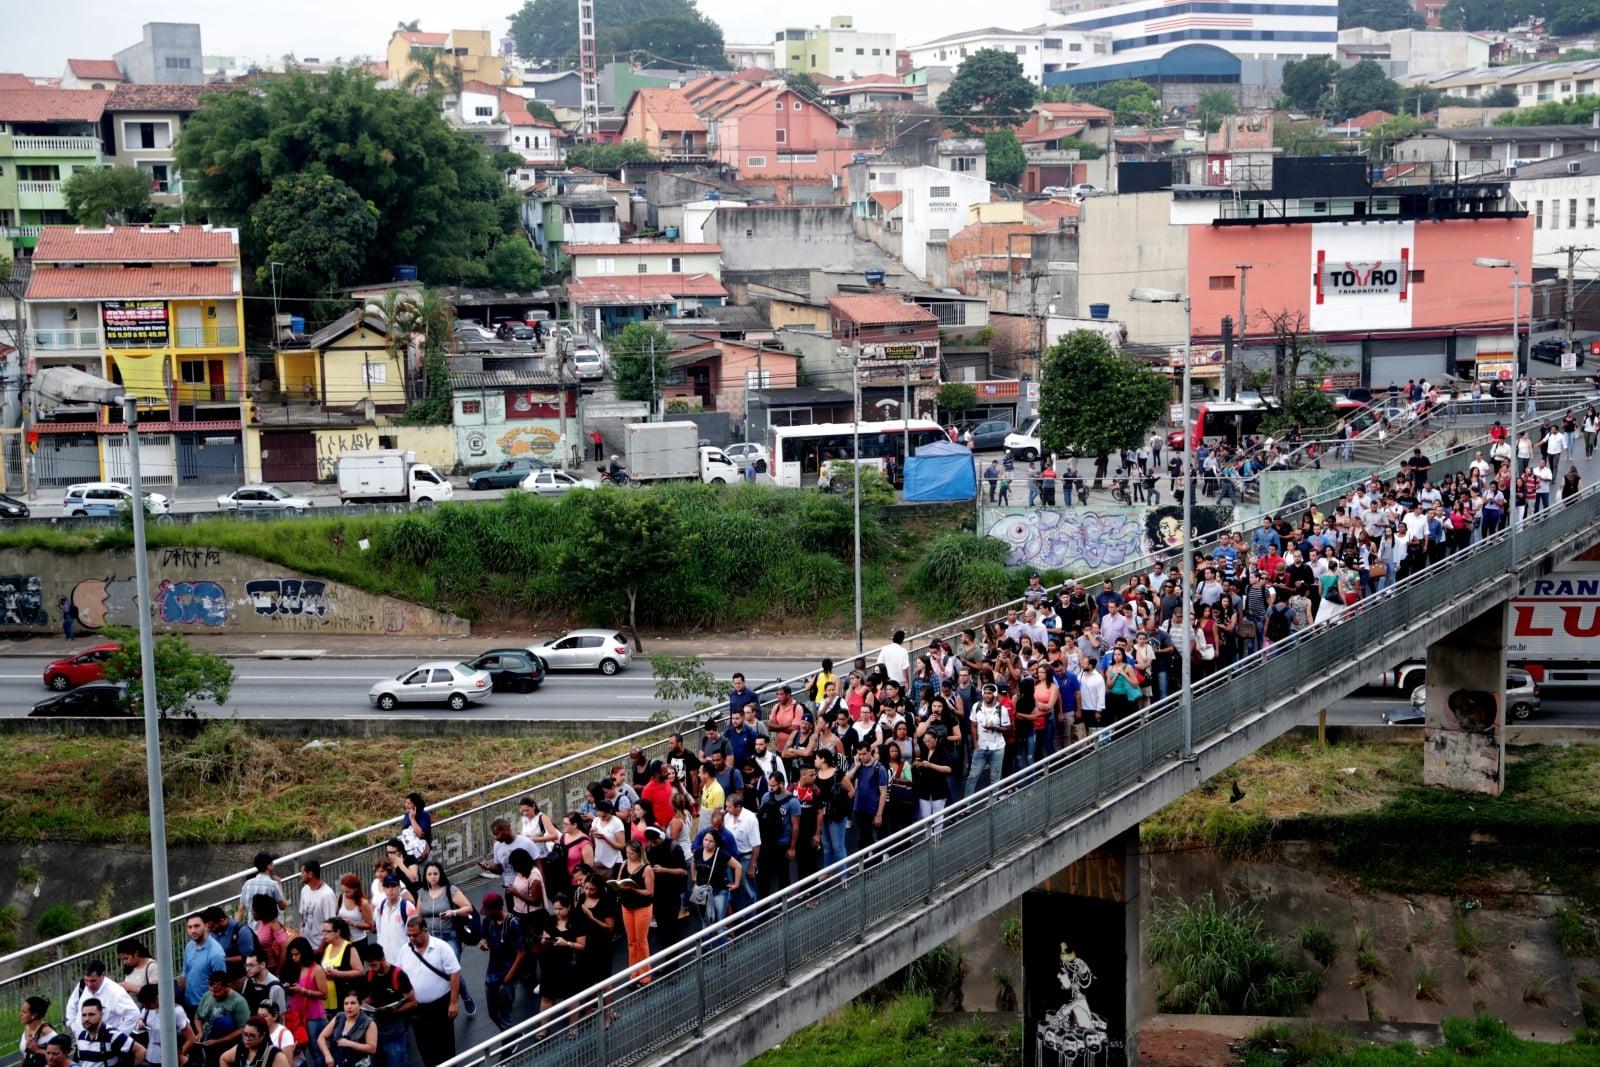 Osoby czekające na przybycie pociągu podczas strajku pracowników metra w Sao Paulo, Brazylia, fot. EPA/Fernando Bizerra Jr.